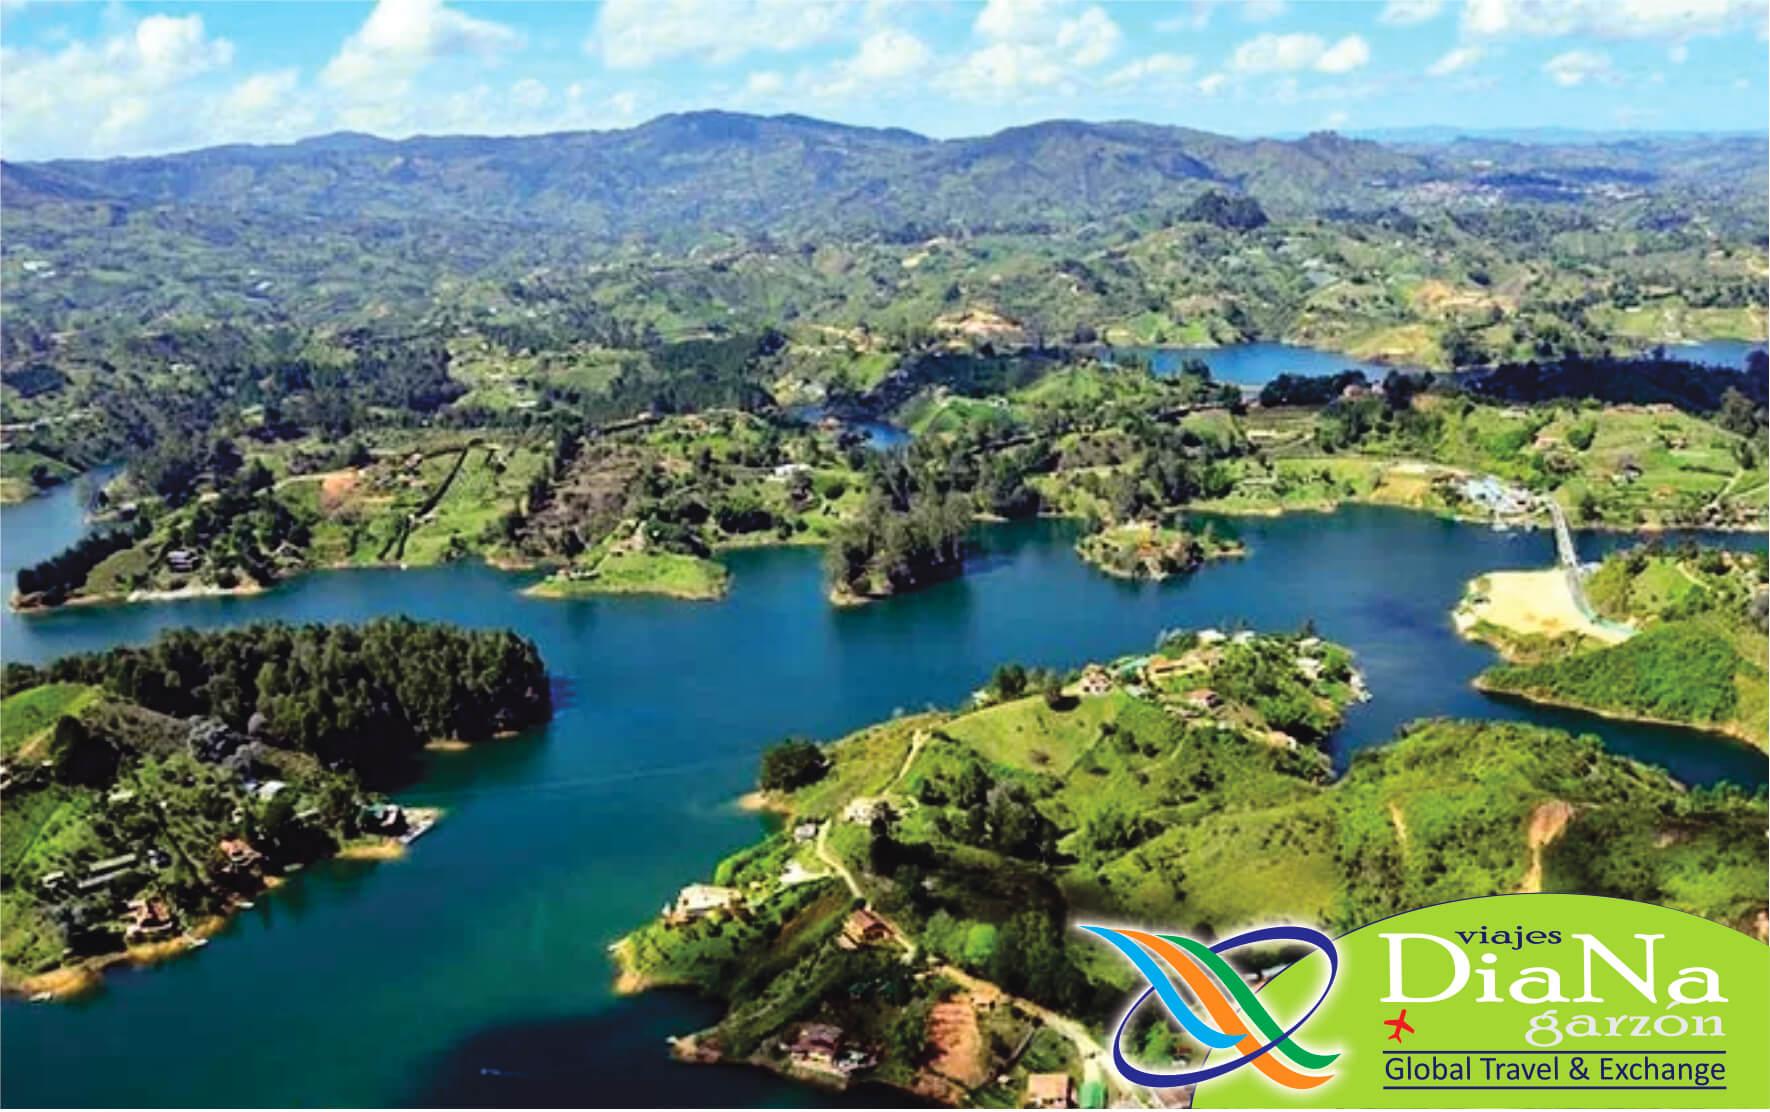 Tours en colombia destinos paradis acos viajes diana - Agencia de viajes diana garzon ...